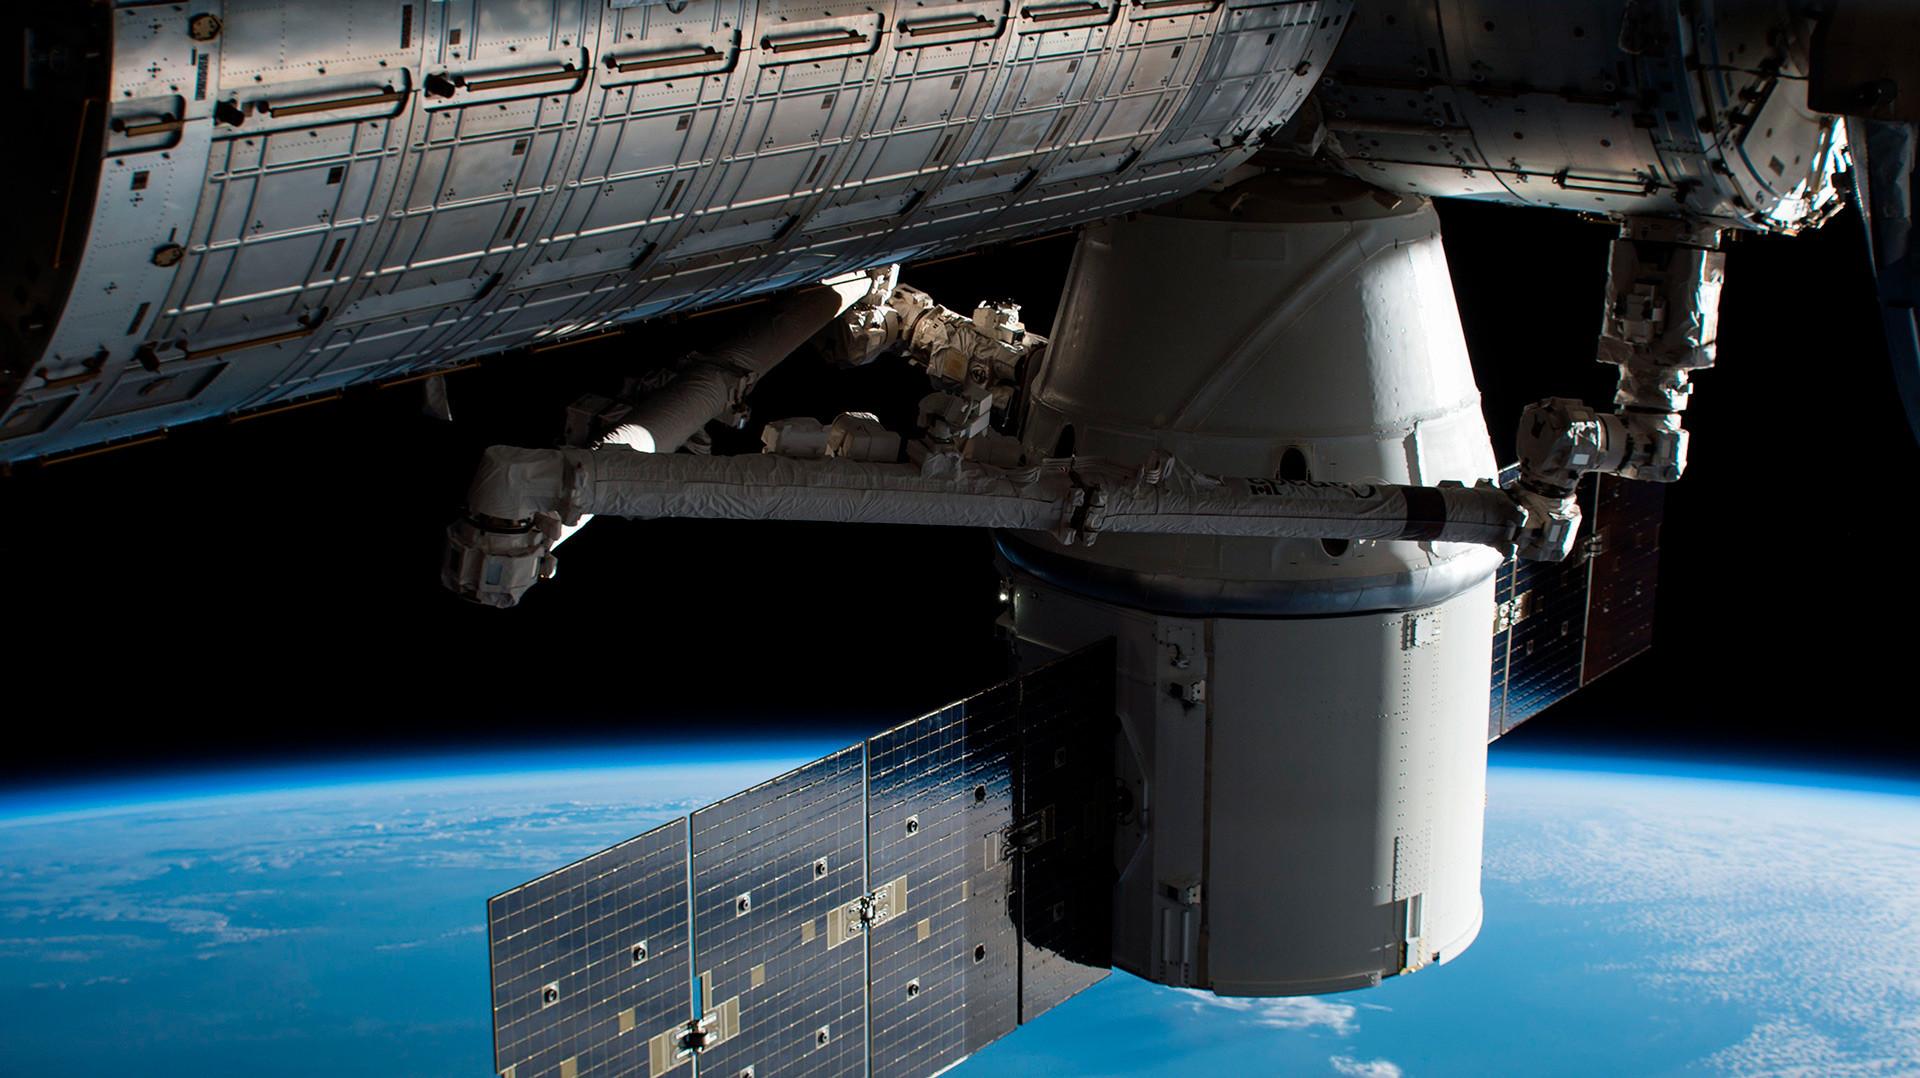 Mednarodna vesoljska postaja v orbiti.